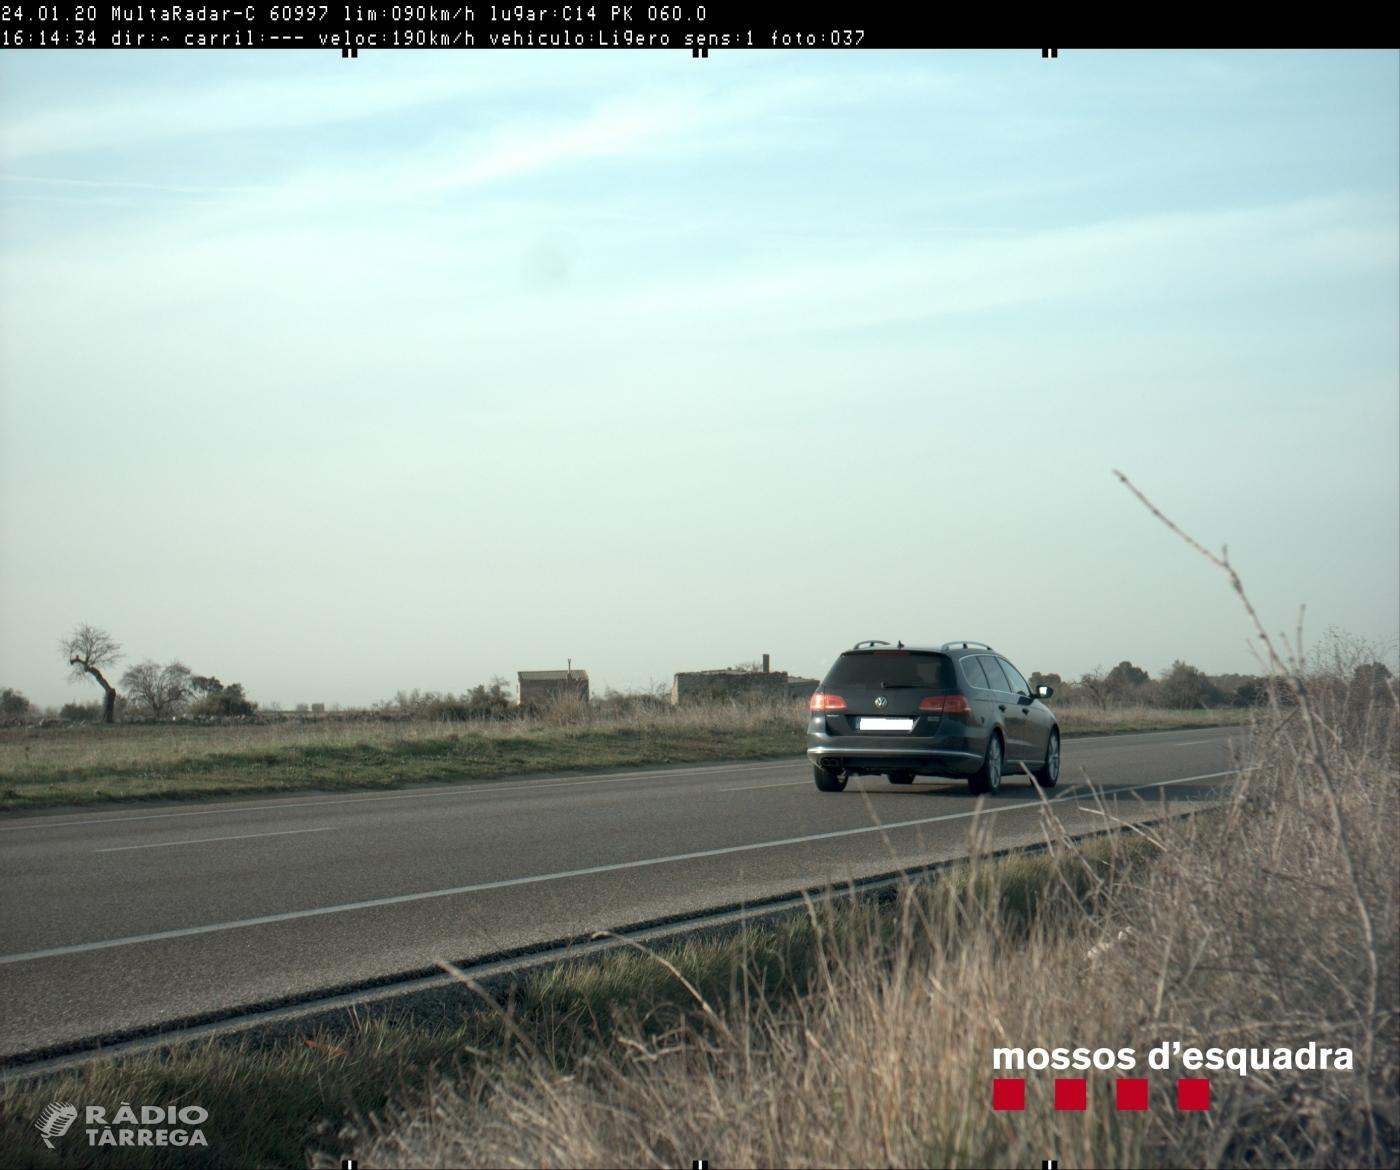 Els Mossos denuncien penalment un conductor que circulava a 190 km/h per la C-14 al terme municipal de Ciutadilla a l'Urgell